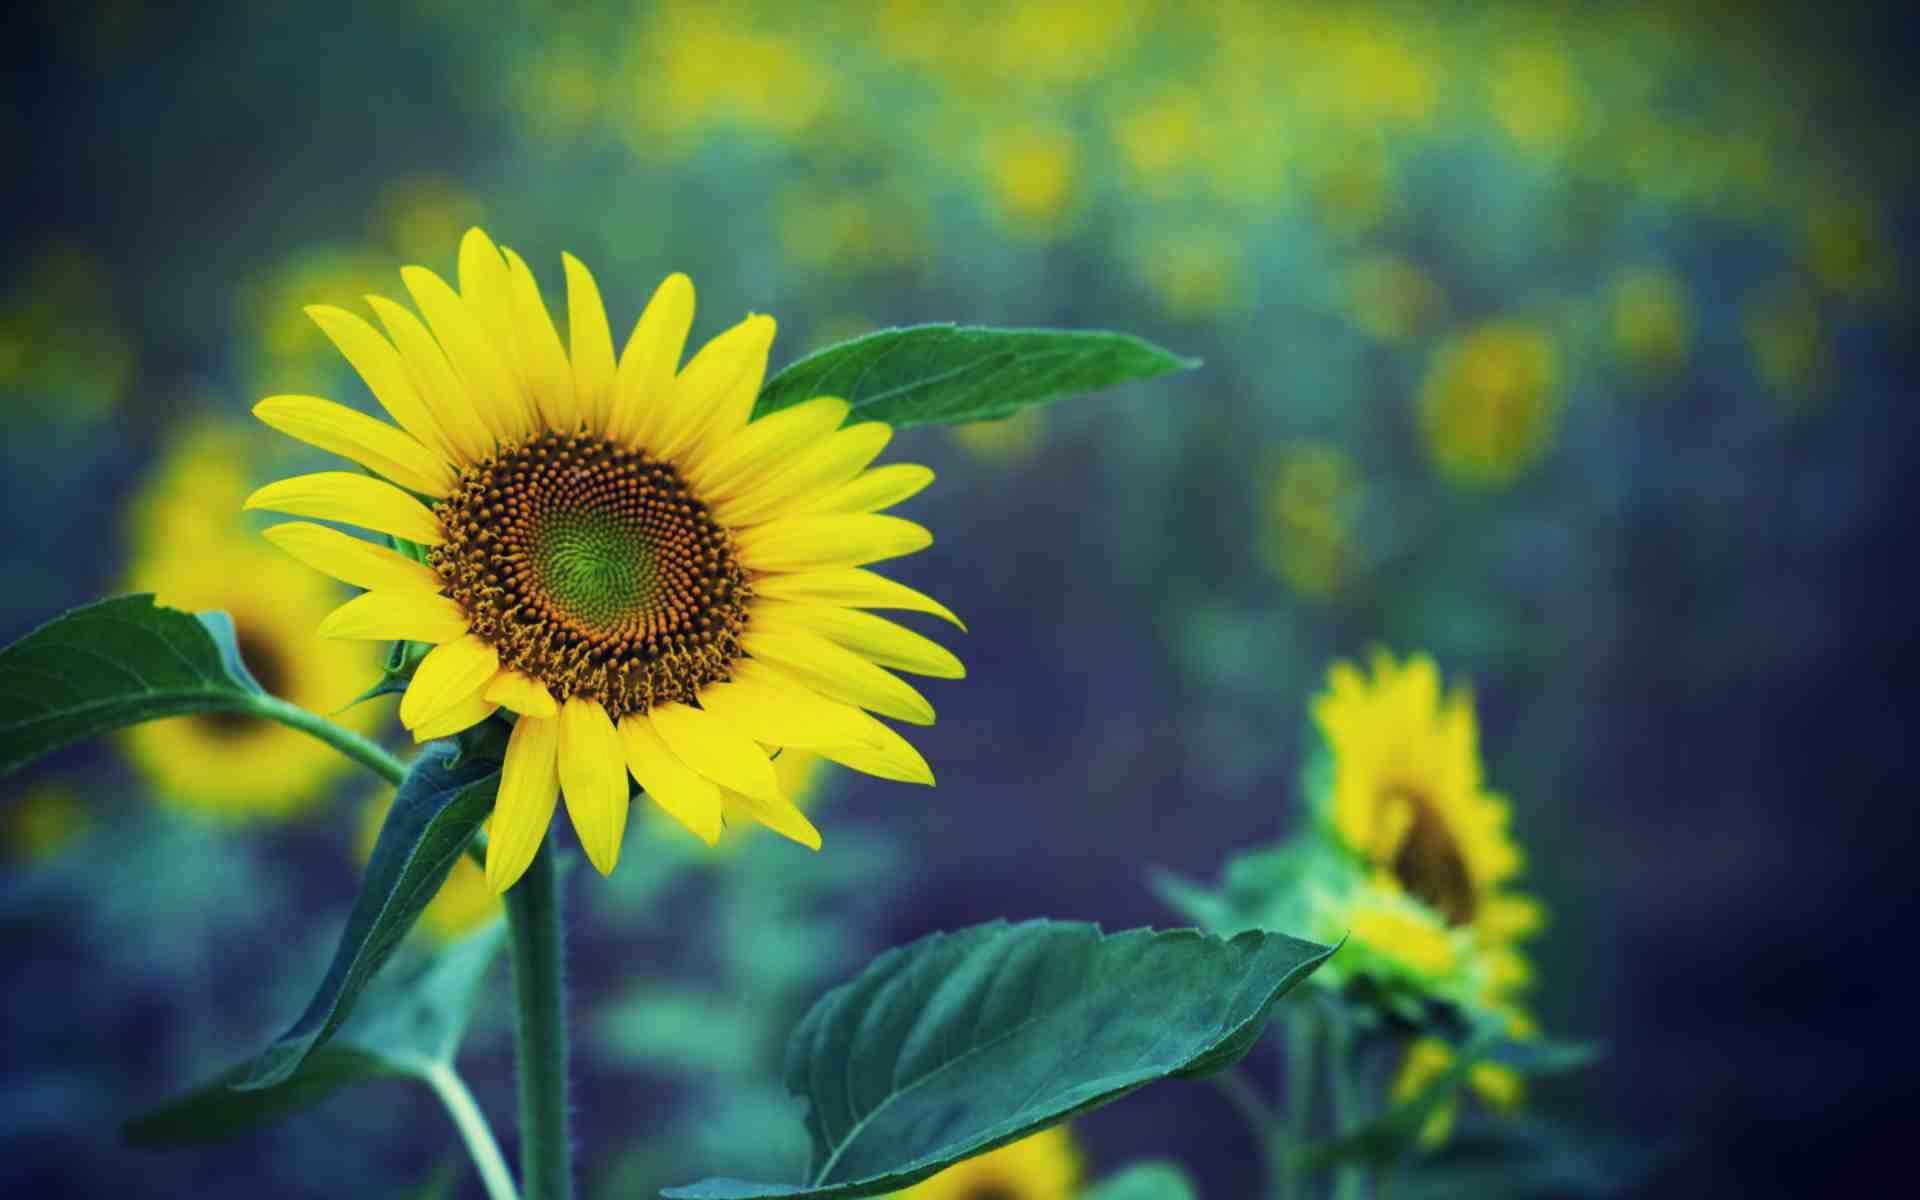 Hình nền đẹp hoa hướng dương cho bạn